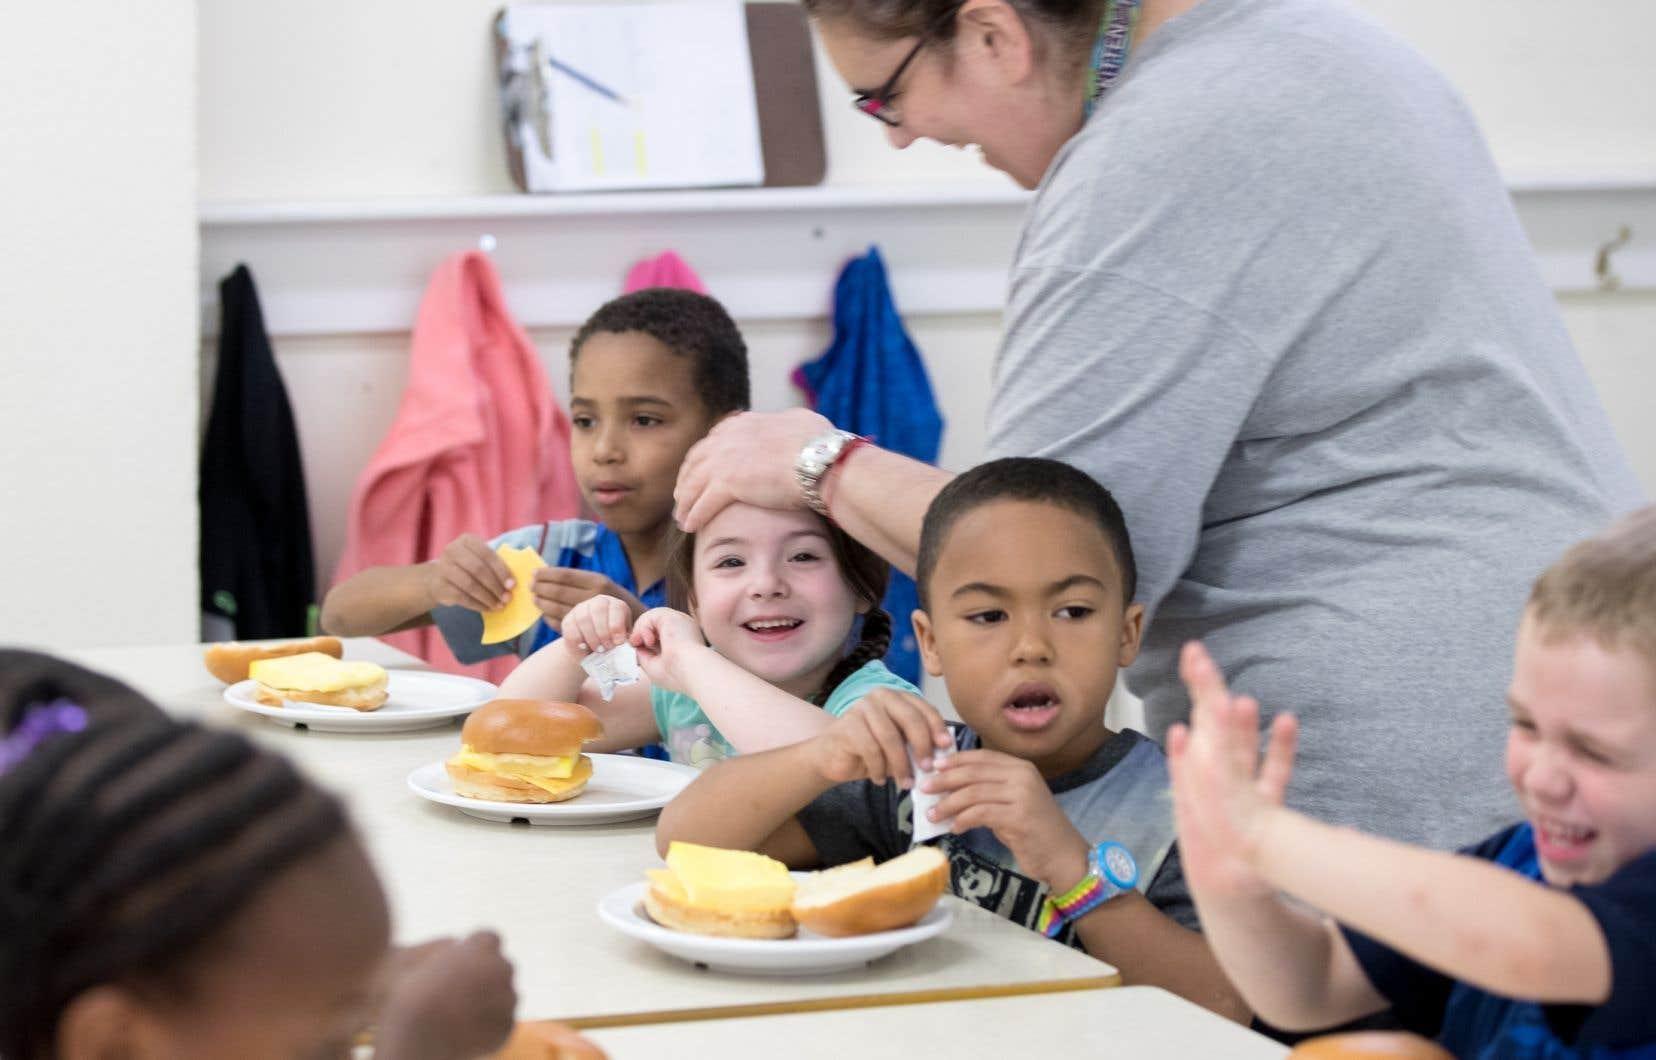 Les groupes communautaires distribuent chaque jour environ 15000 dîners à petits prix dans les écoles montréalaises.